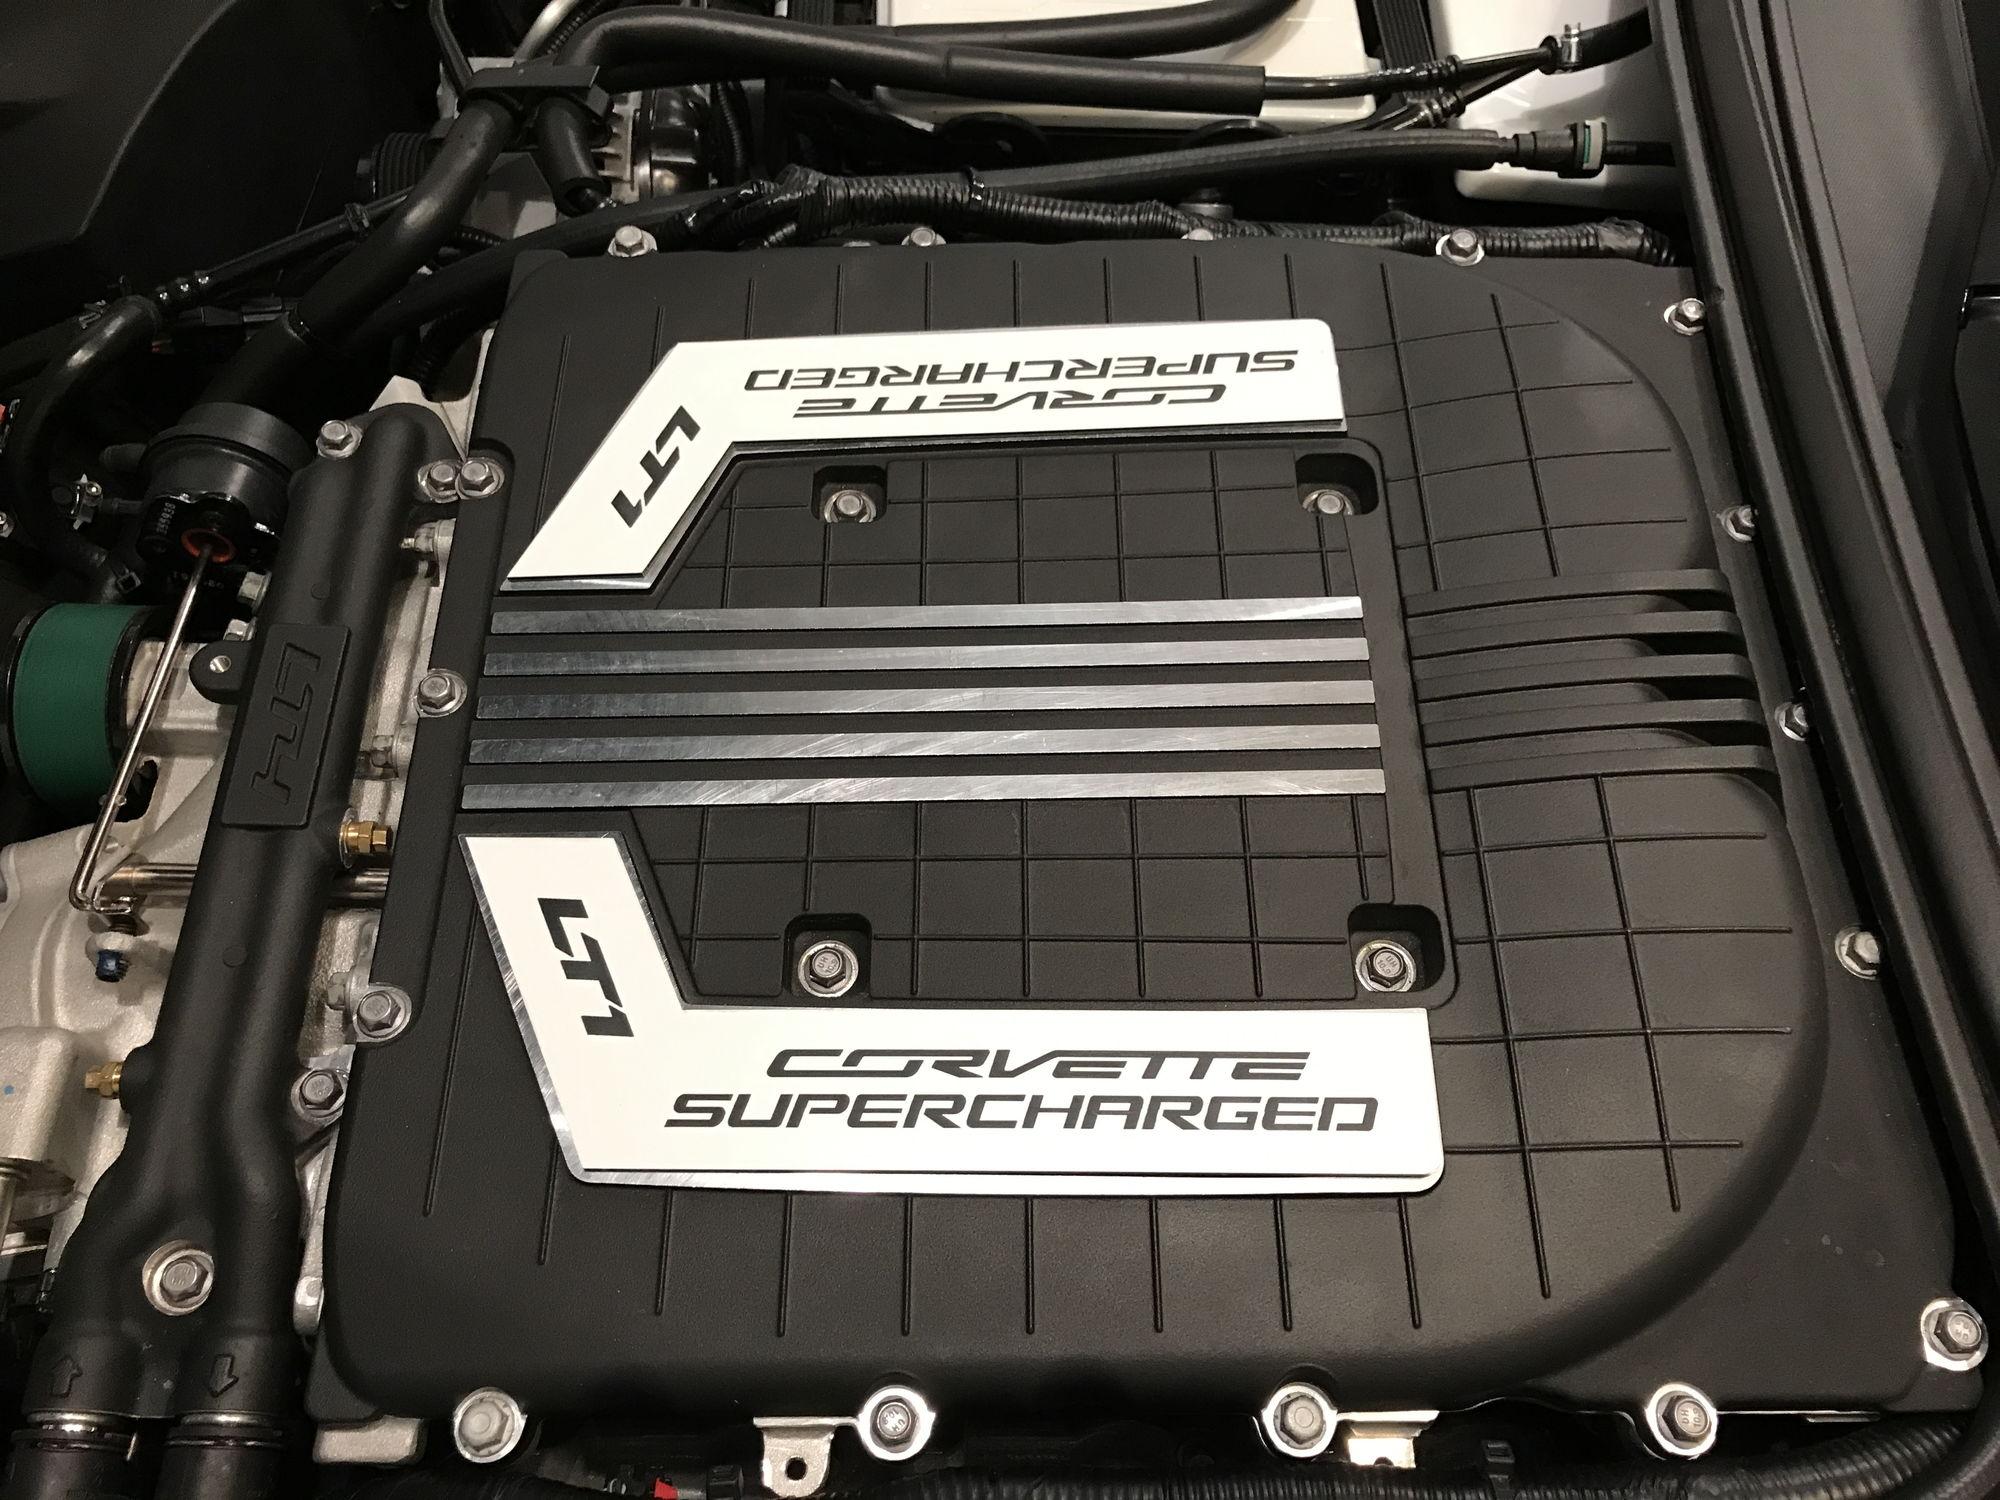 Z06 Supercharger installed on my 2015 Z51 Stingray!!